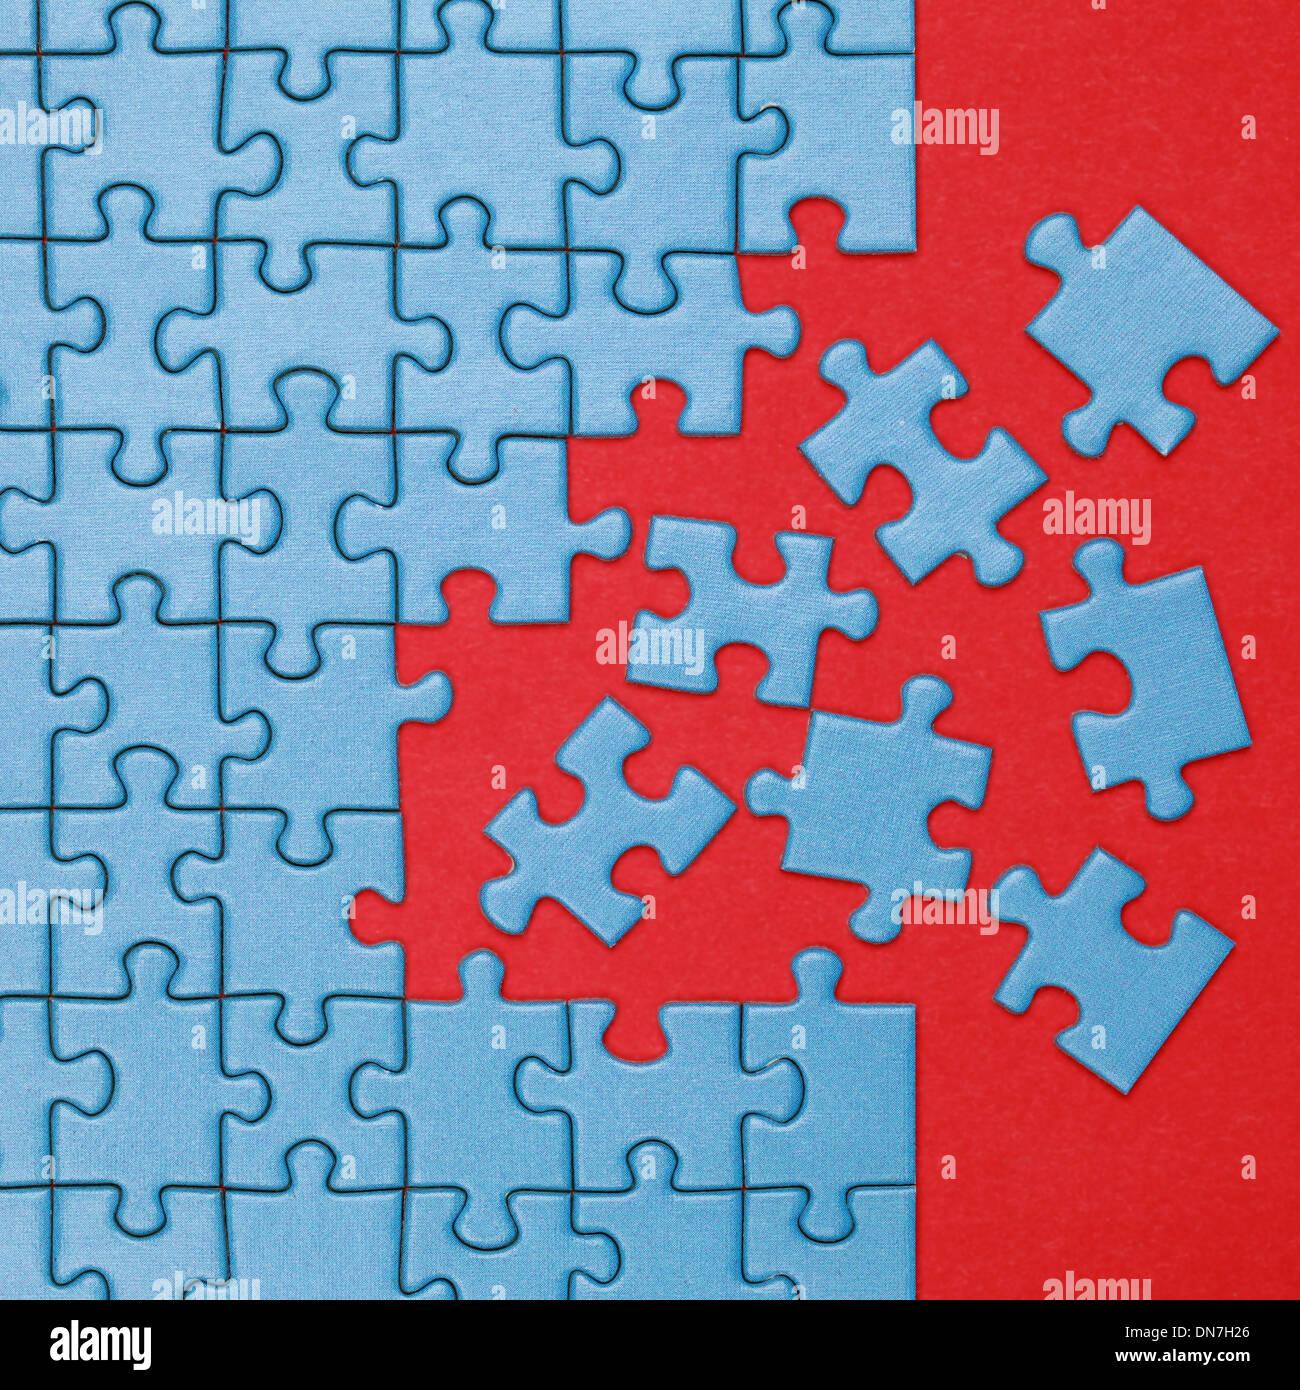 Stücke eines Puzzles müssen an der richtigen Stelle gesetzt werden Stockbild